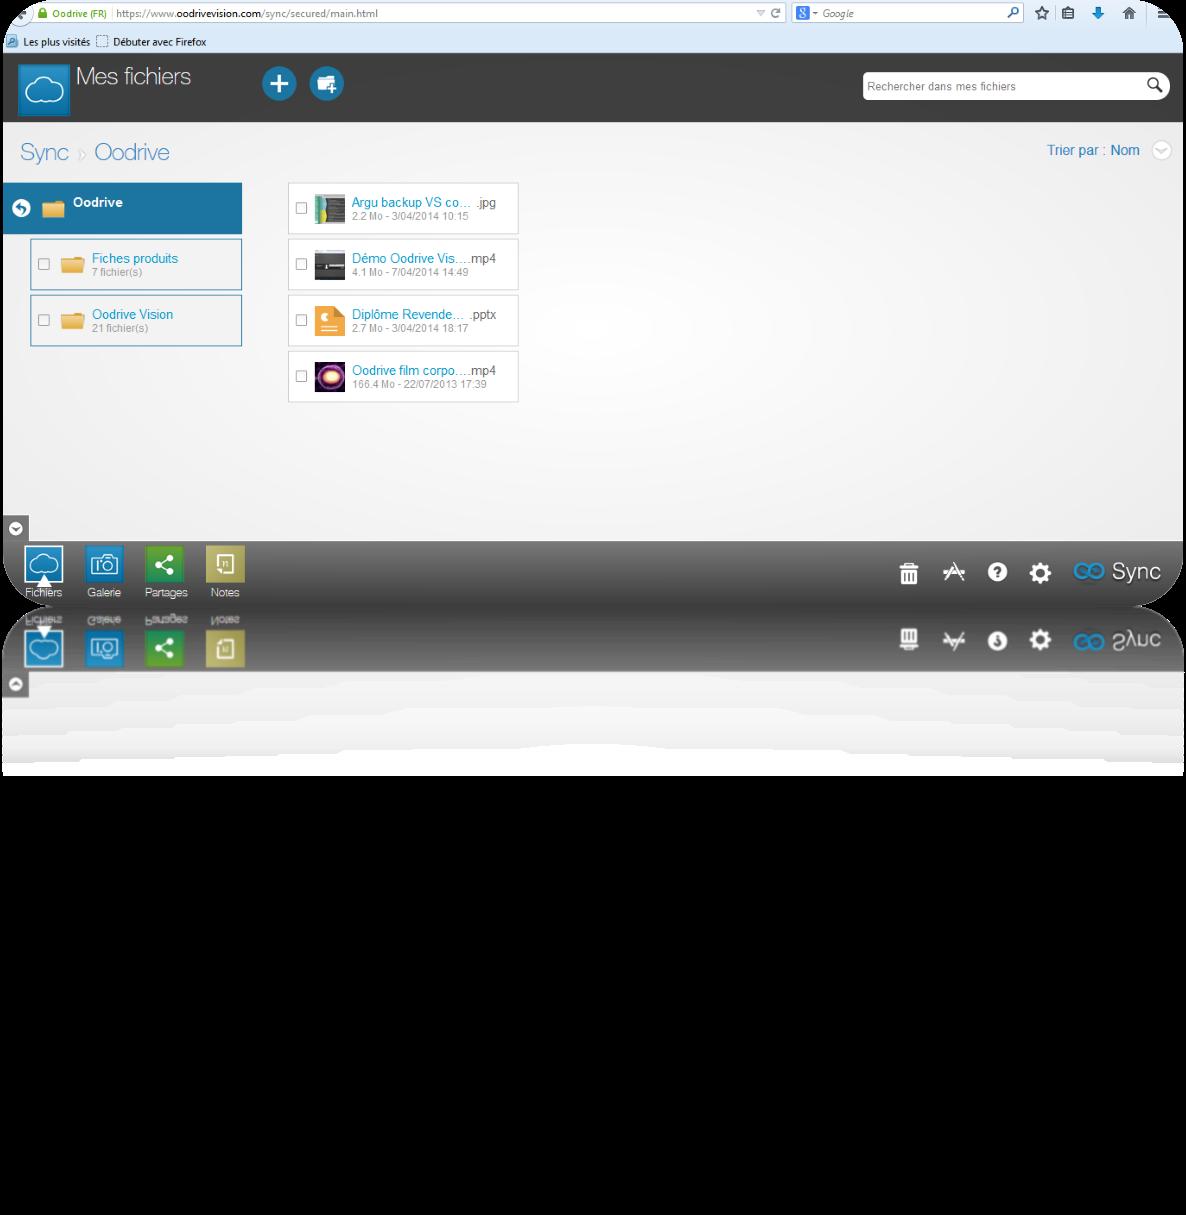 Oodrive Sync: Communauté (FAQ, Forum), Envoi de documents par liens hypertexte, API, Web service